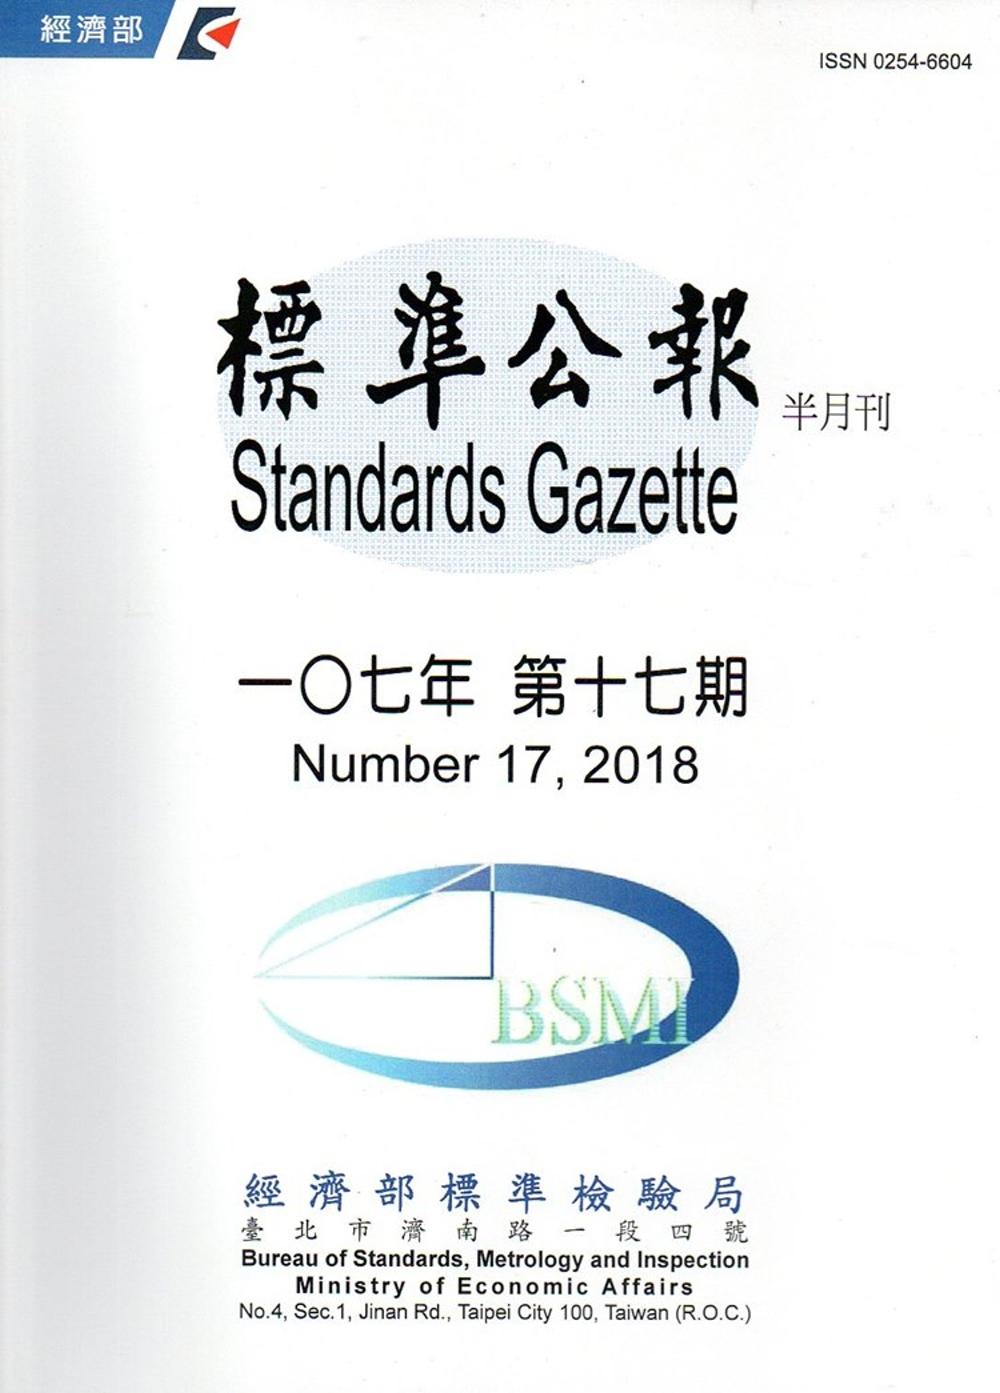 標準公報半月刊107年(第十七期)